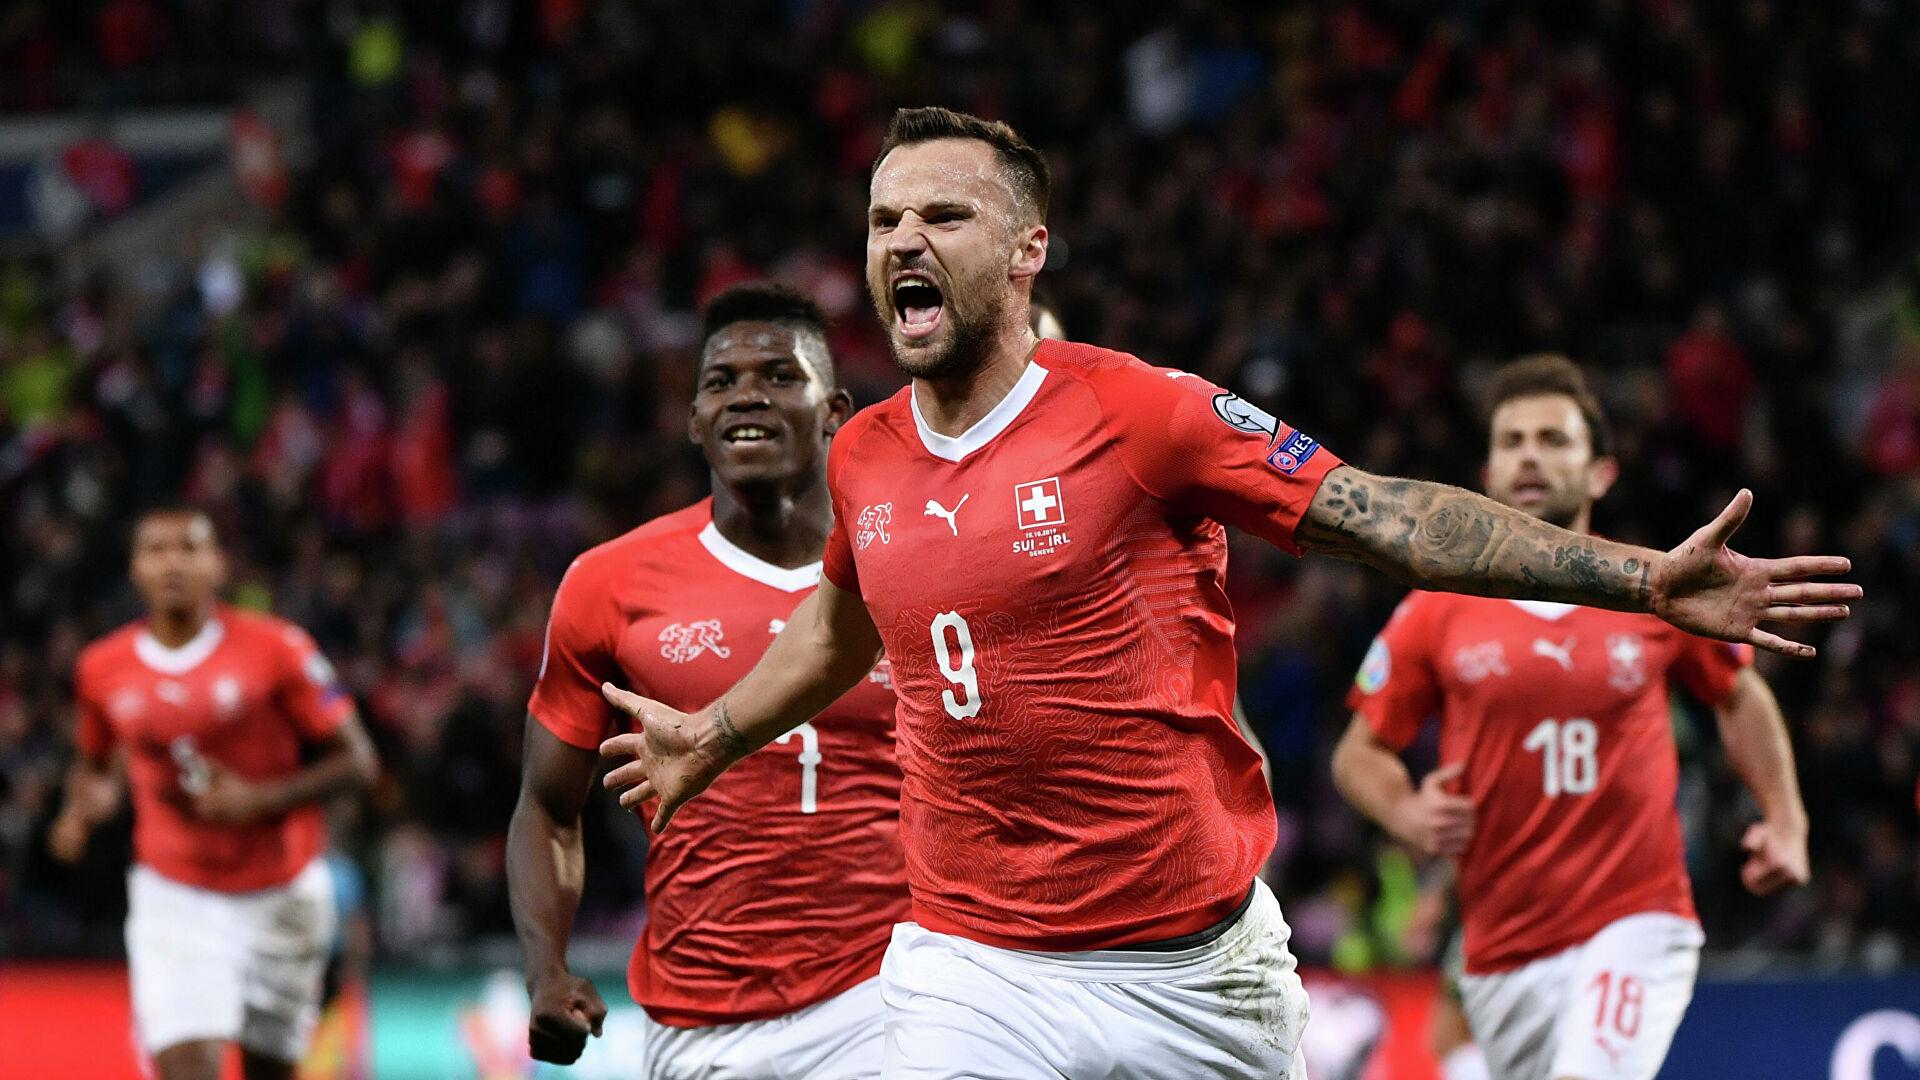 Уэльс - Швейцария: команды довольно часто фолят, этим можно воспользоваться